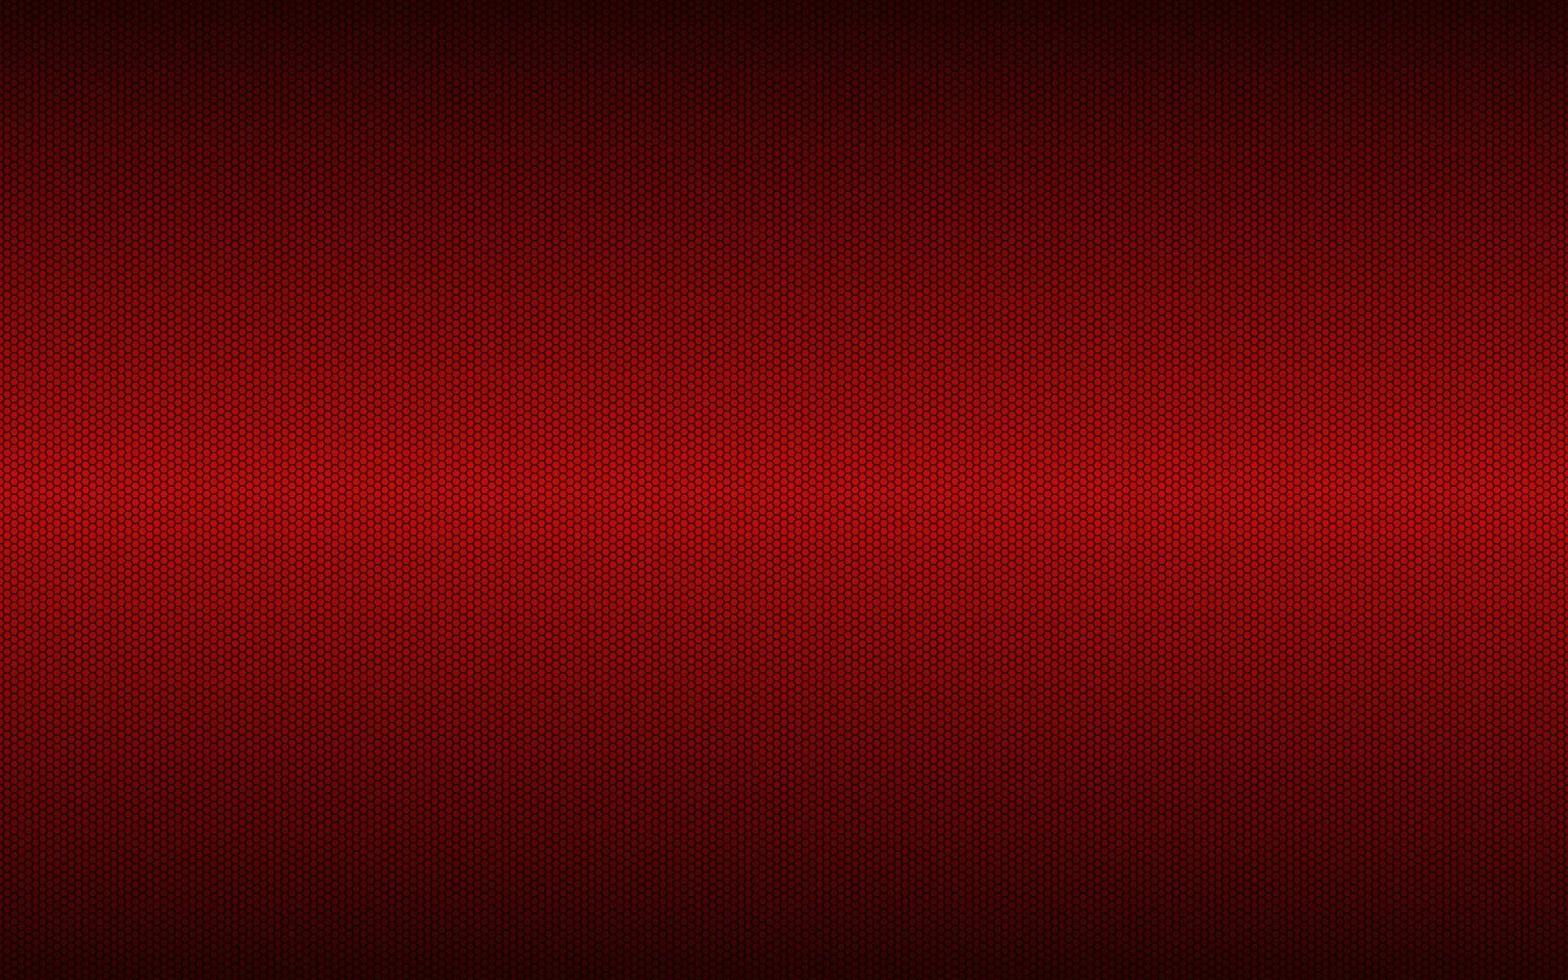 modern högupplöst röd geometrisk bakgrund med månghörnigt rutnät. abstrakt mörkt metalliskt sexkantigt mönster. enkel vektorillustration vektor